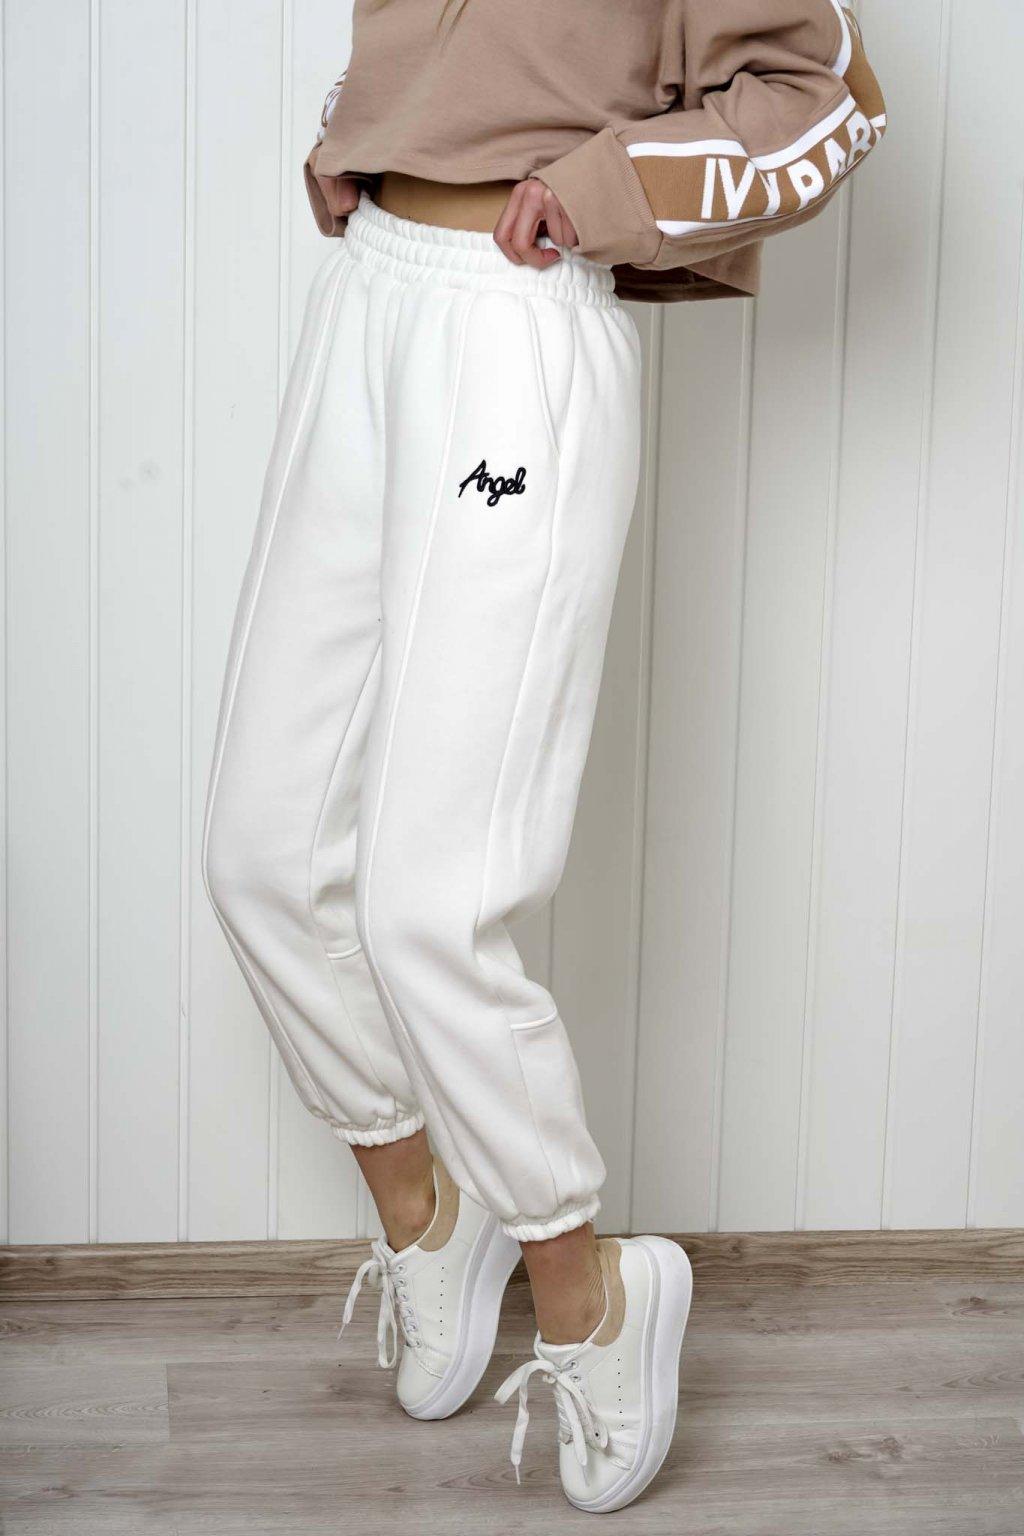 mikina, dámska, oversize, čierna, biela, farebná, športová, tepláky, súprava, batikované, elegantná, štýlová, cribs oblečenie, dámske oblečenie, 54